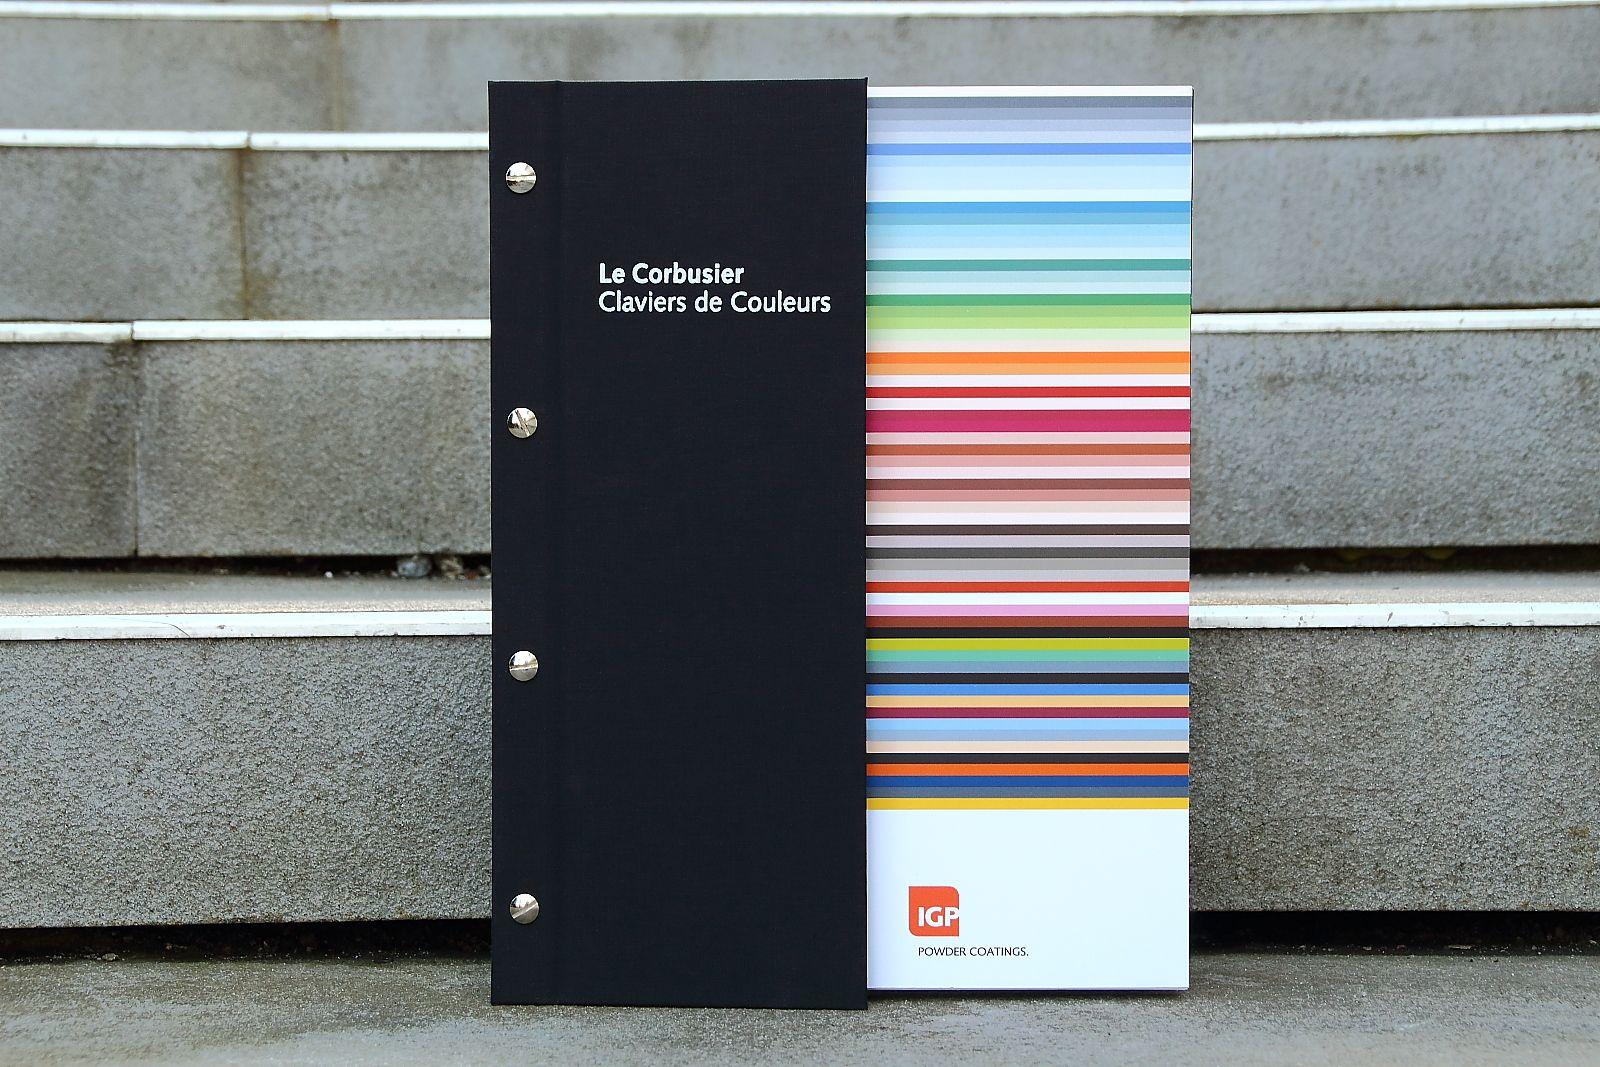 Le Corbusier Claviers De Couleurs Musterbuch Muster Bucher